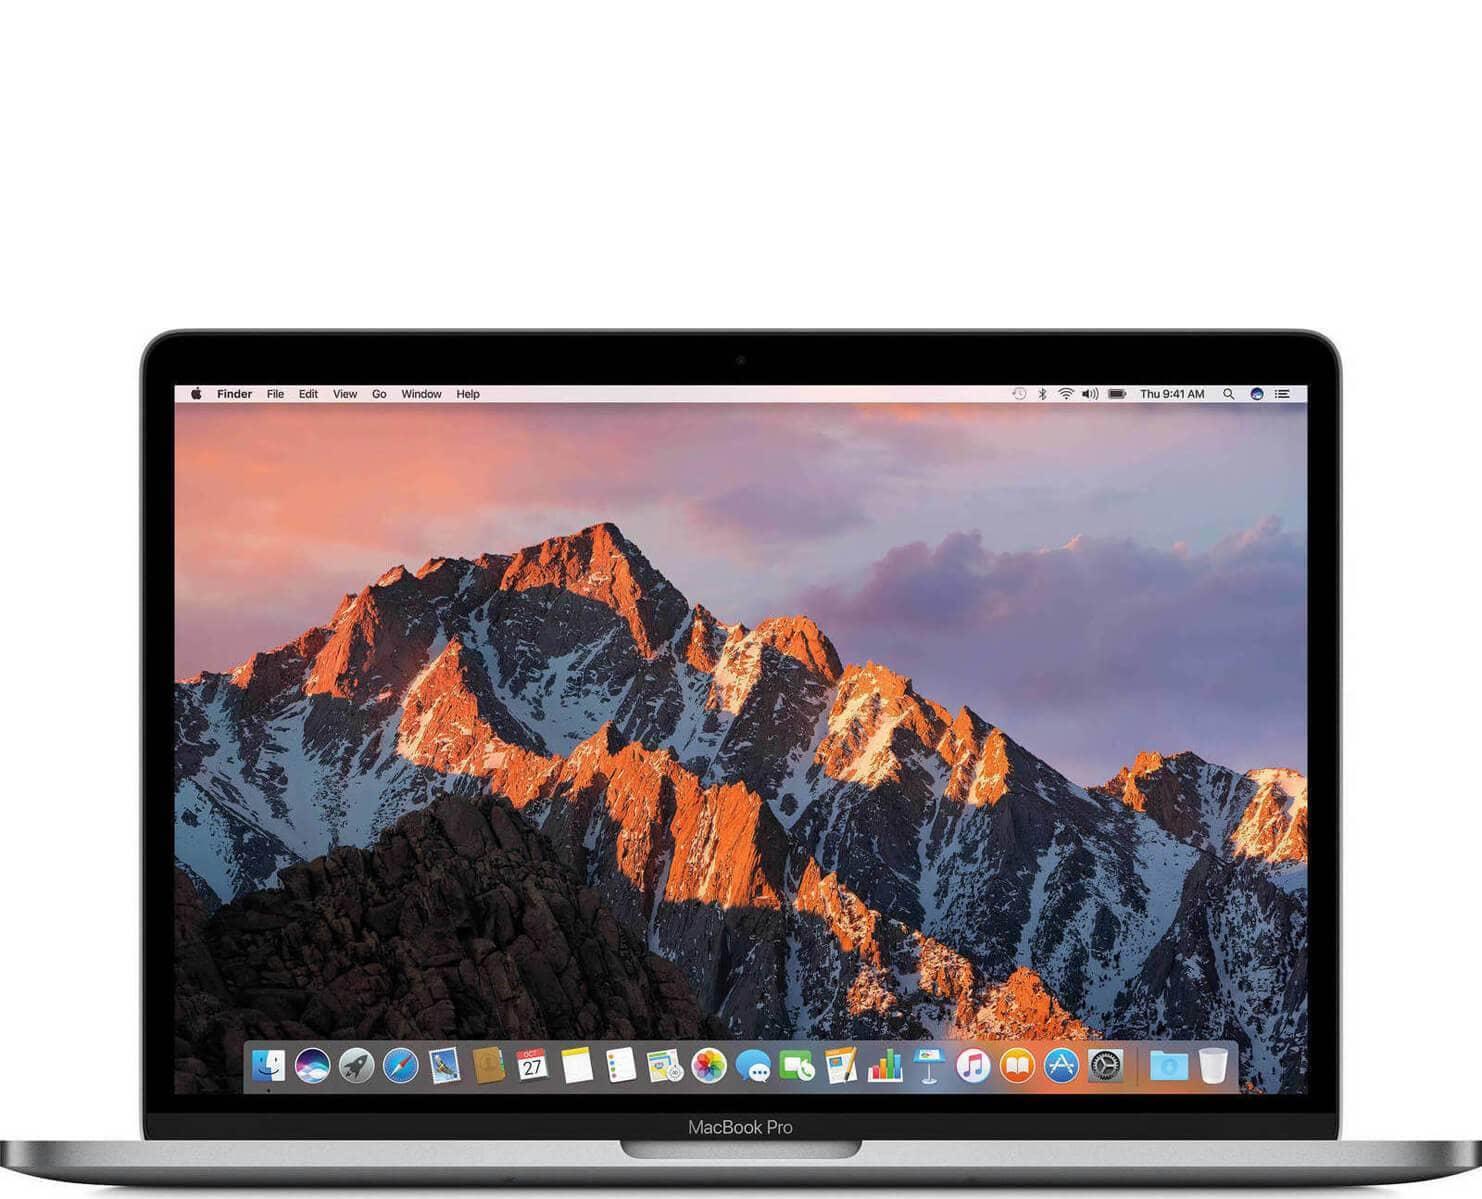 macbook-pro-15-a1286